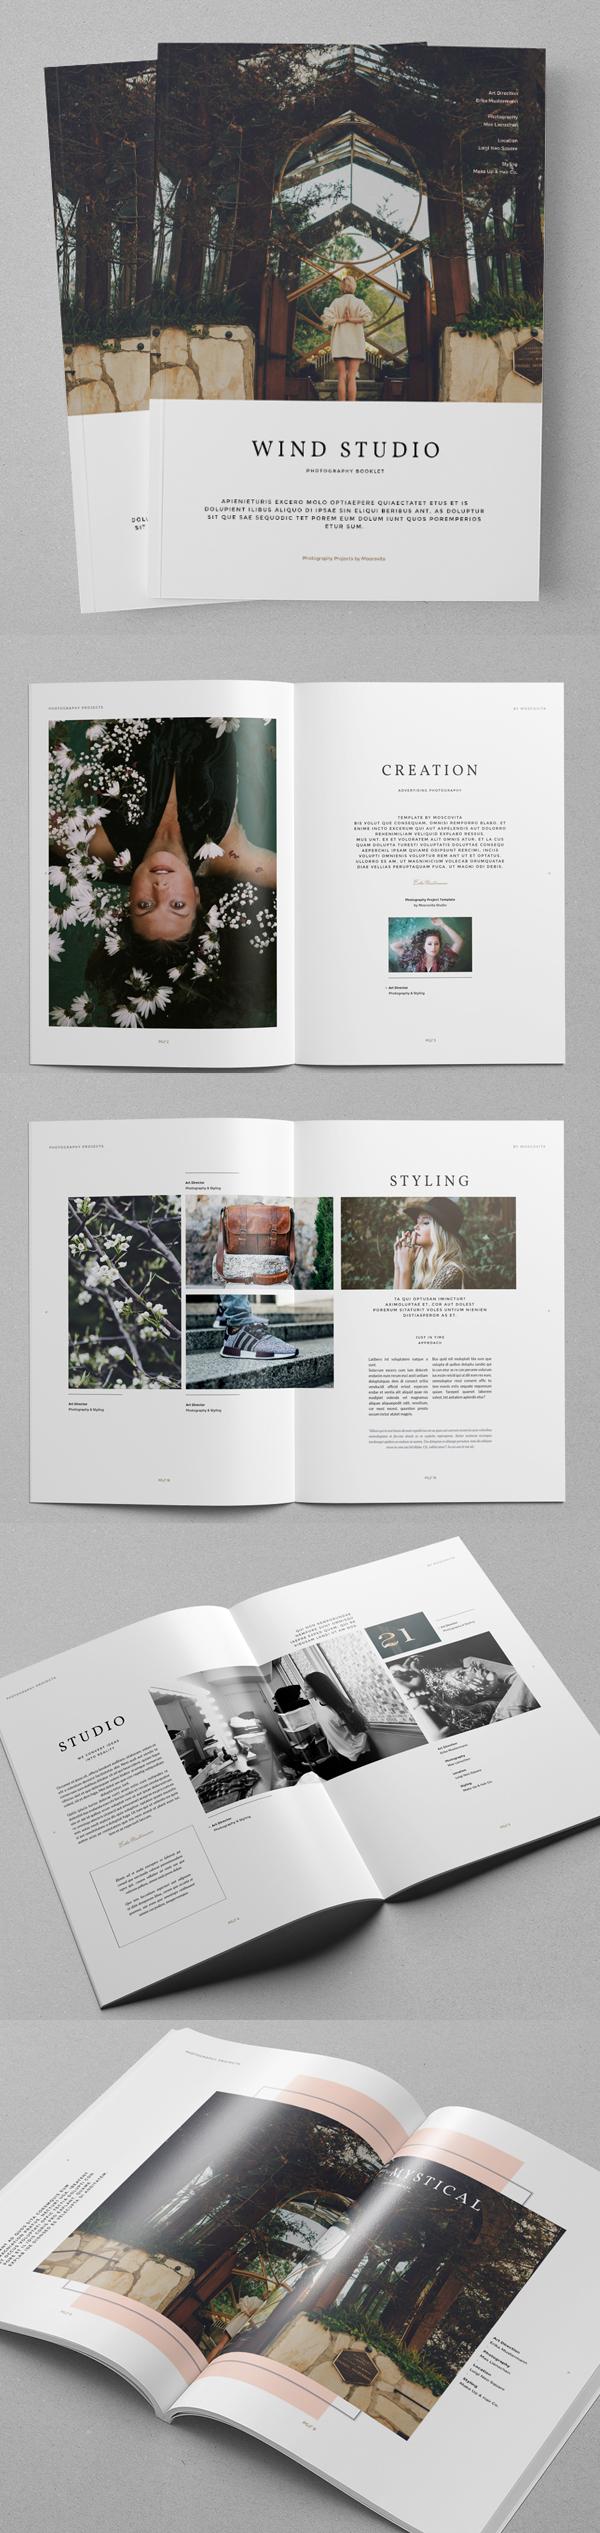 010 brochure design